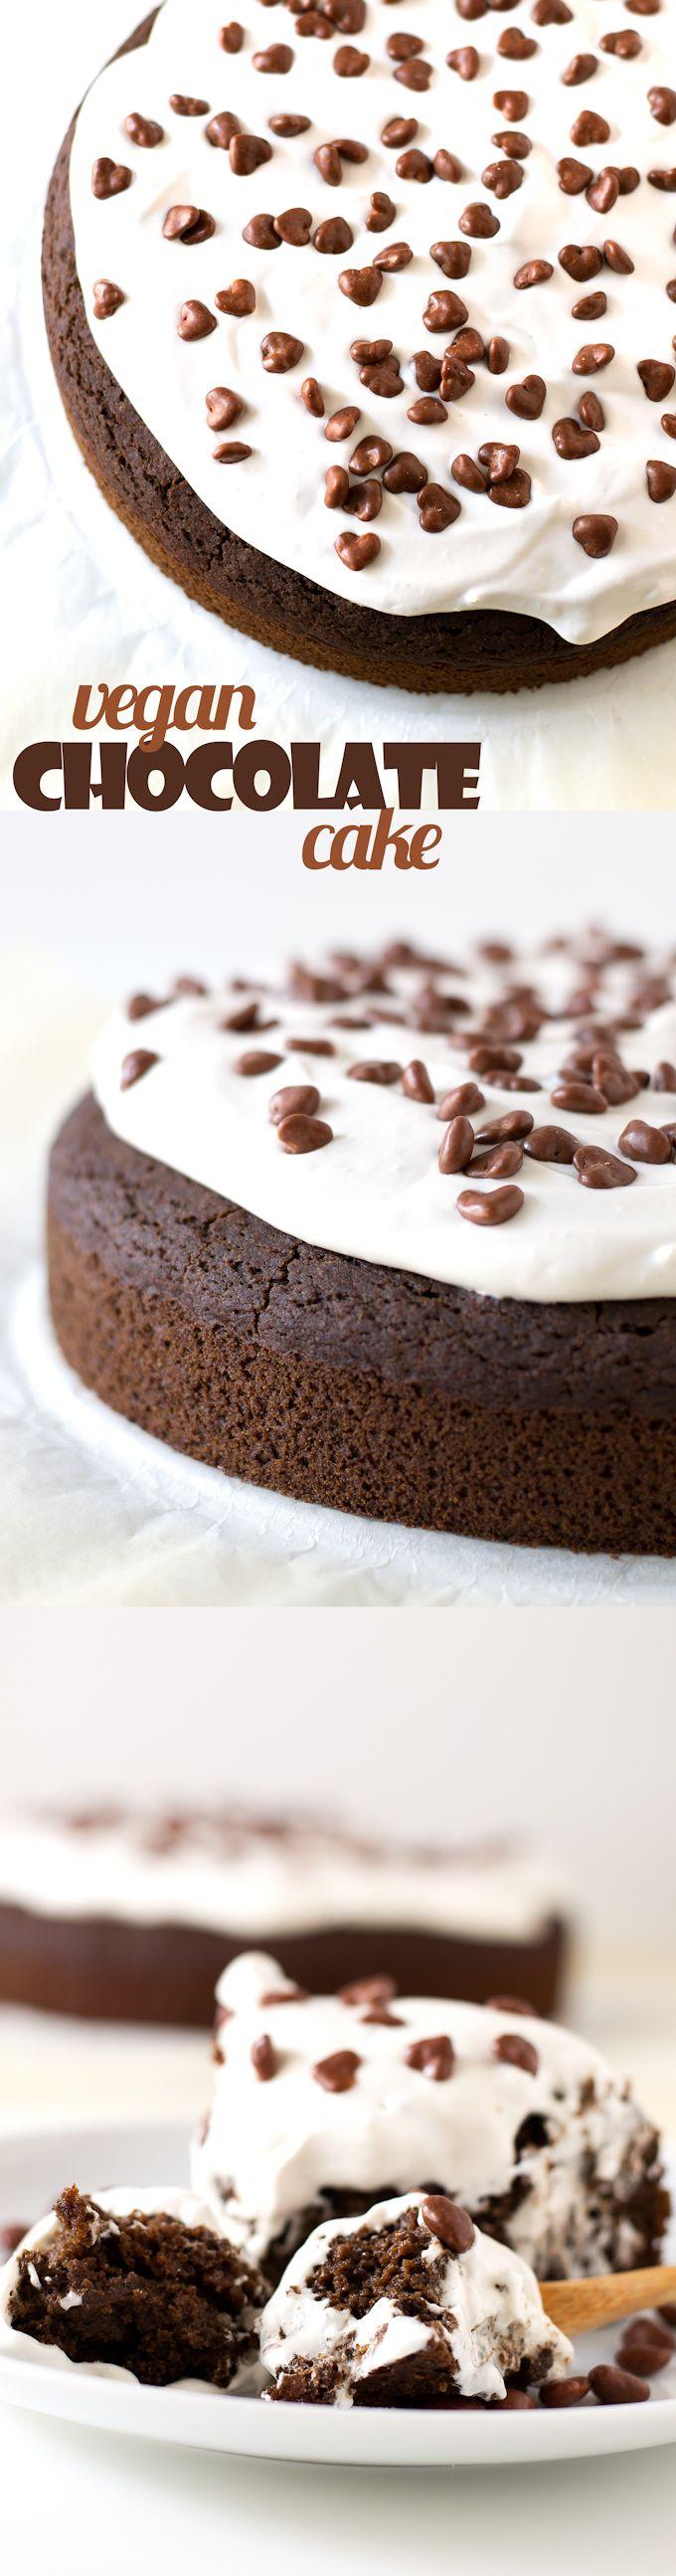 (Vegan and GF) Vegan Gluten Free Chocolate Cake #vegan #glutenfree